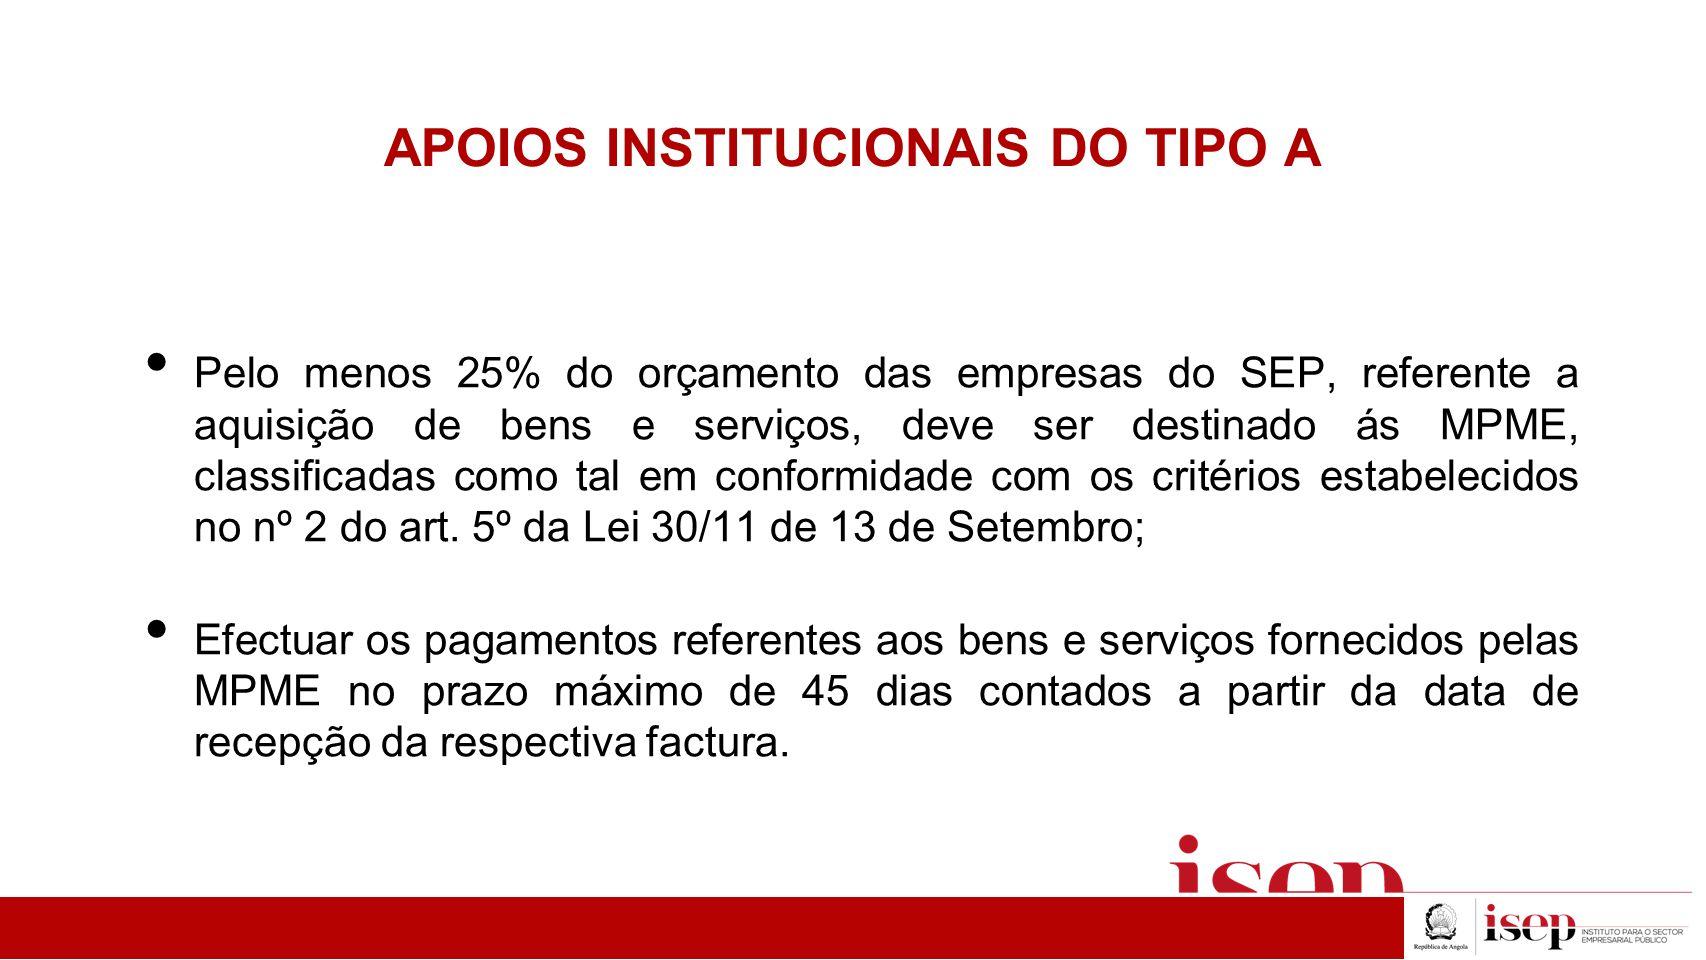 APOIOS INSTITUCIONAIS DO TIPO A